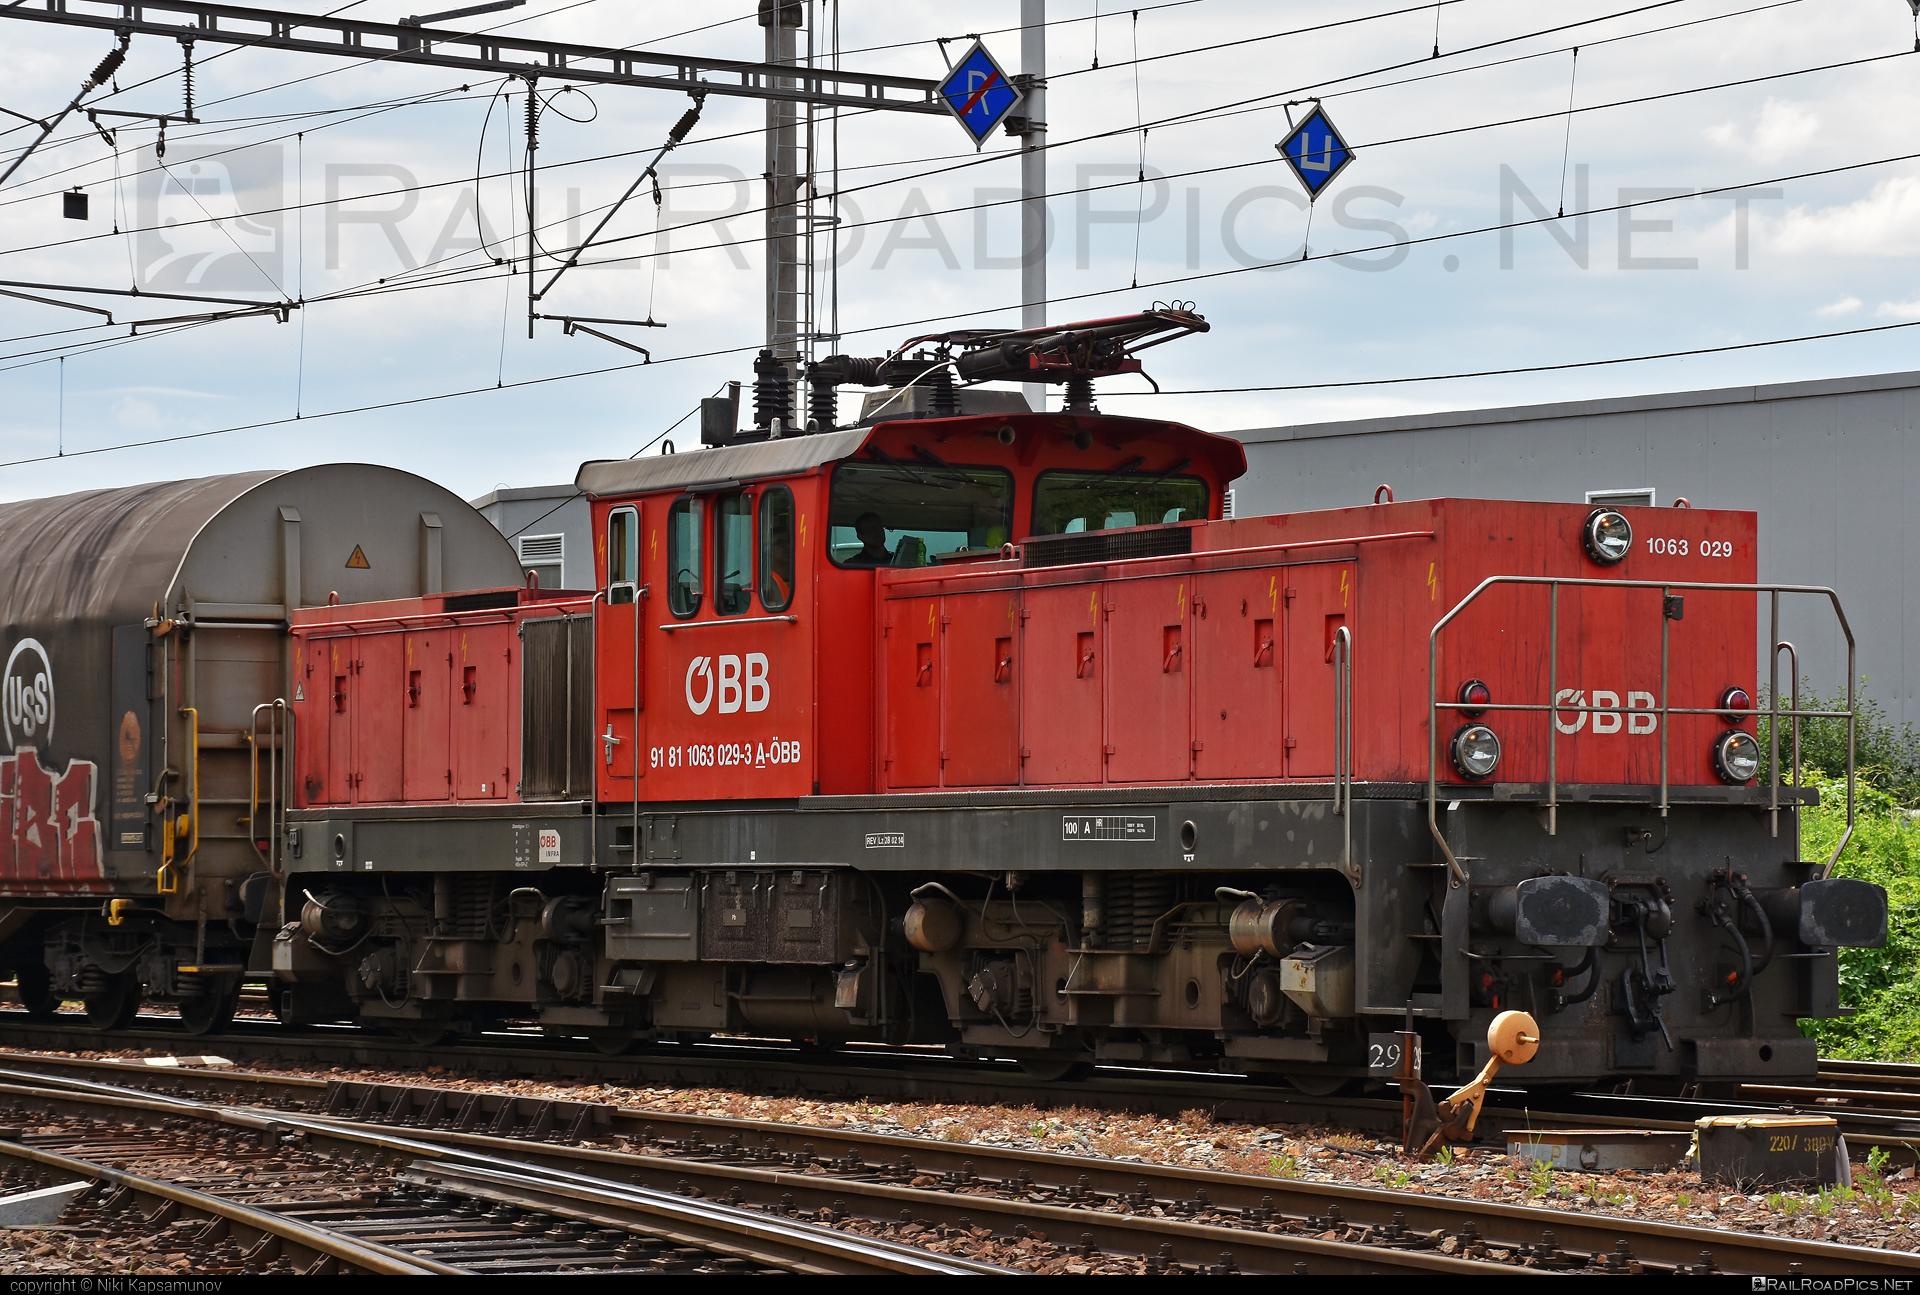 SGP ÖBB Class 1063 - 1063 029 operated by Rail Cargo Austria AG #obb #obb1063 #obbclass1063 #osterreichischebundesbahnen #sgp #sgp1063 #simmeringgrazpauker